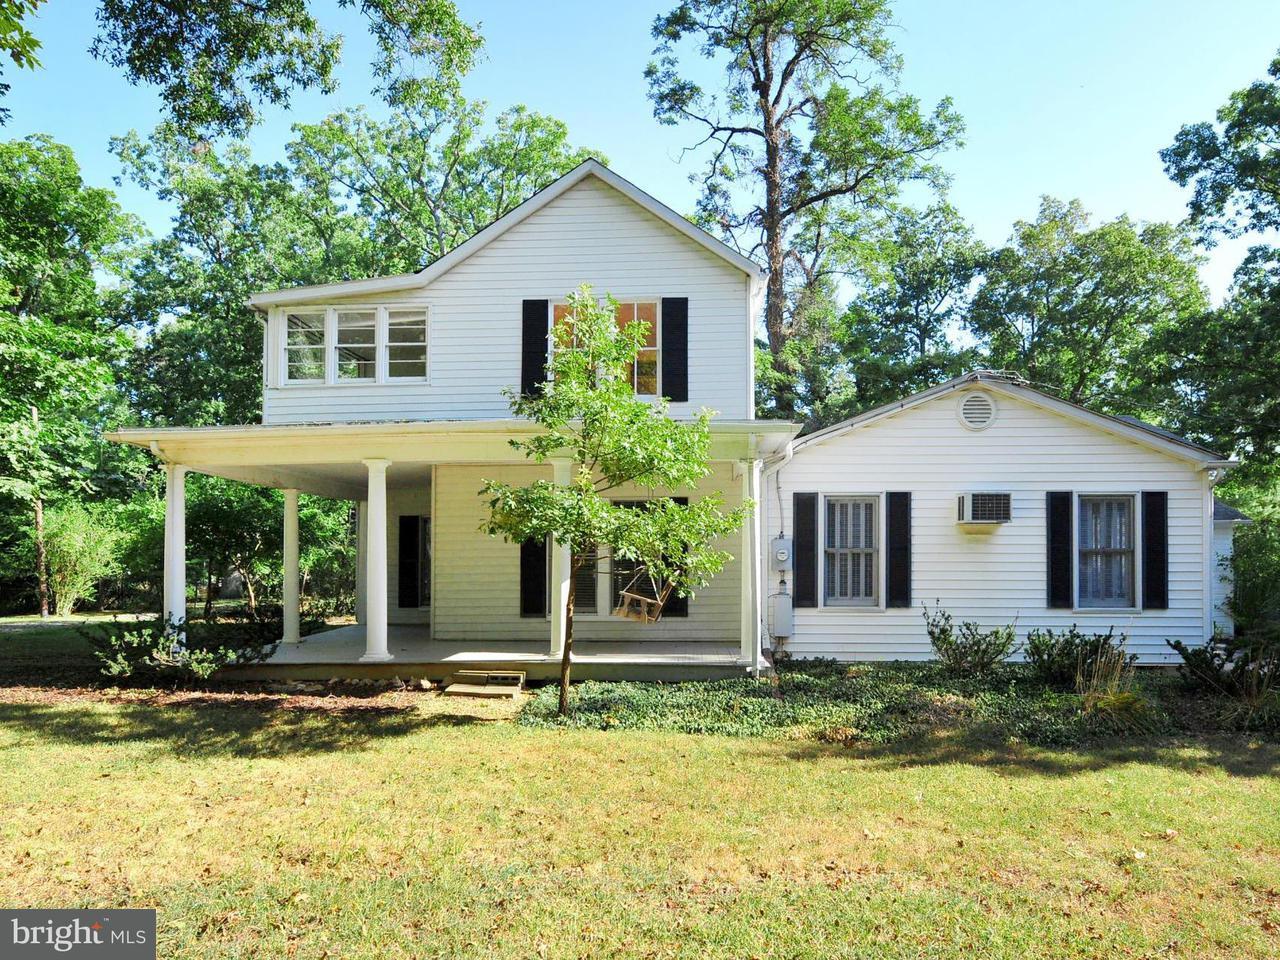 一戸建て のために 売買 アット 117 Grove Avenue 117 Grove Avenue Washington Grove, メリーランド 20880 アメリカ合衆国